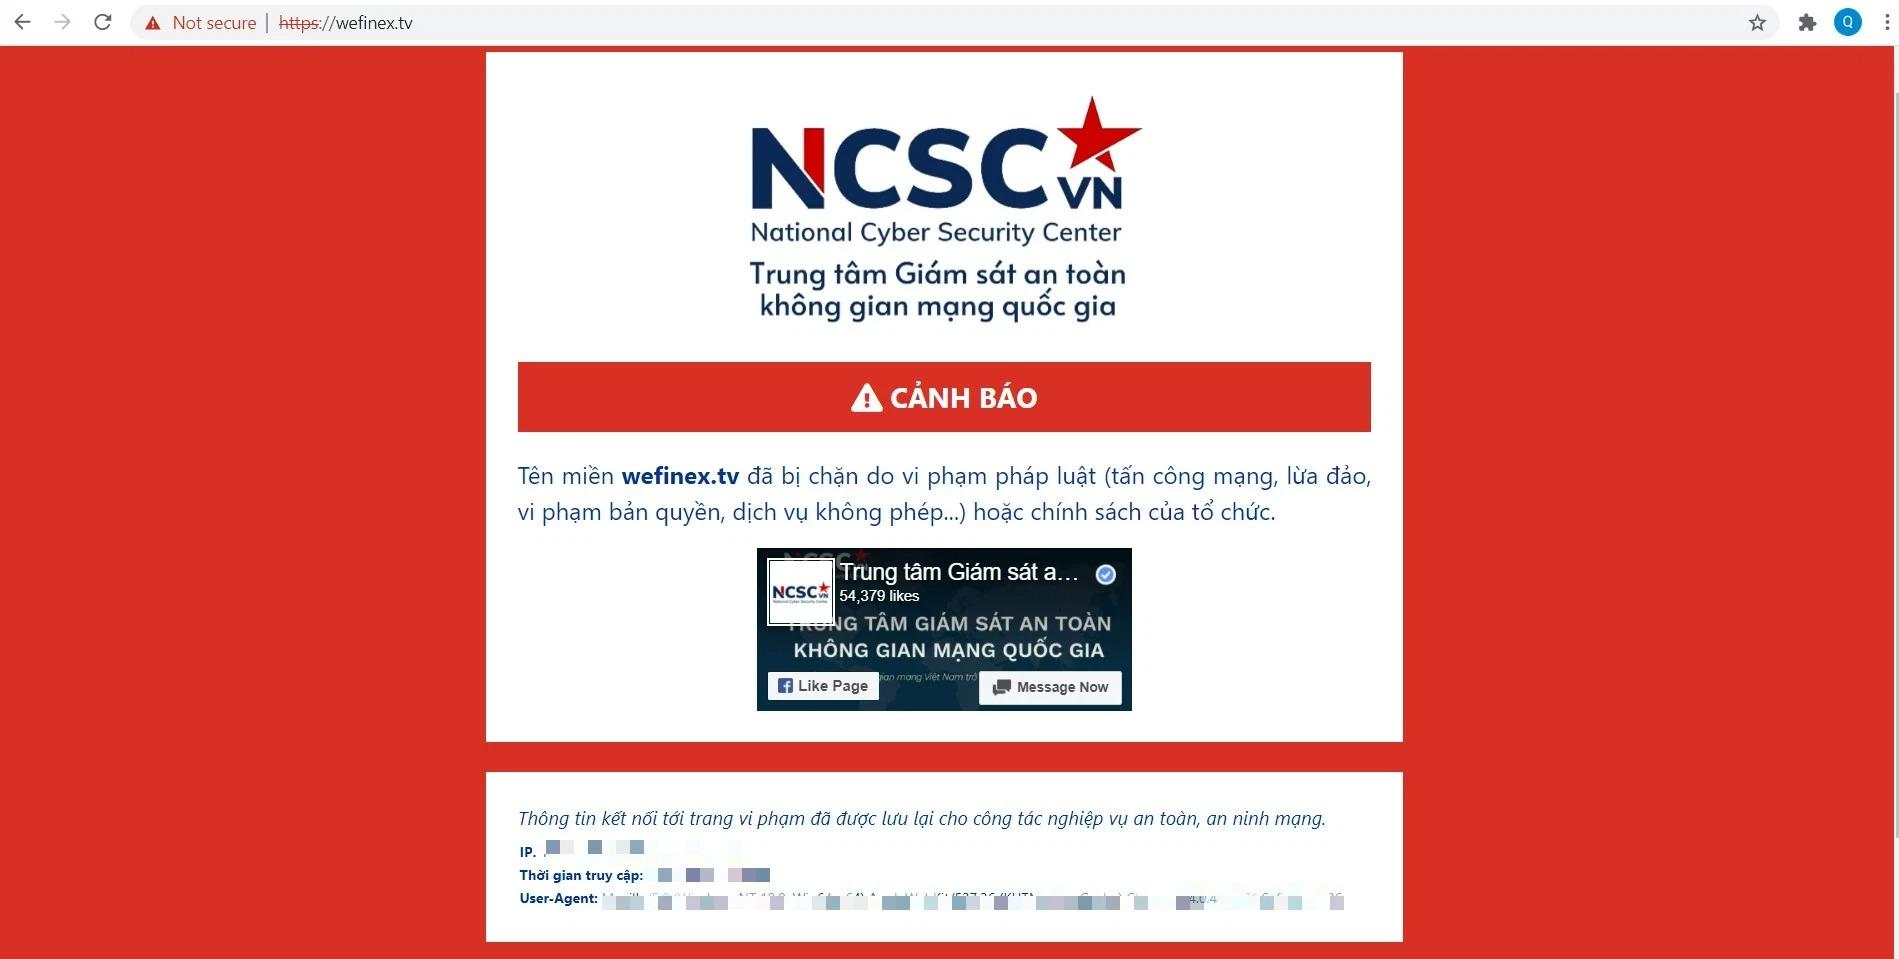 Trung tâm Giám sát an toàn không gian mạng quốc gia cảnh báo: Đường link Wefinex đã bị chặn, do vi phạm pháp luật.